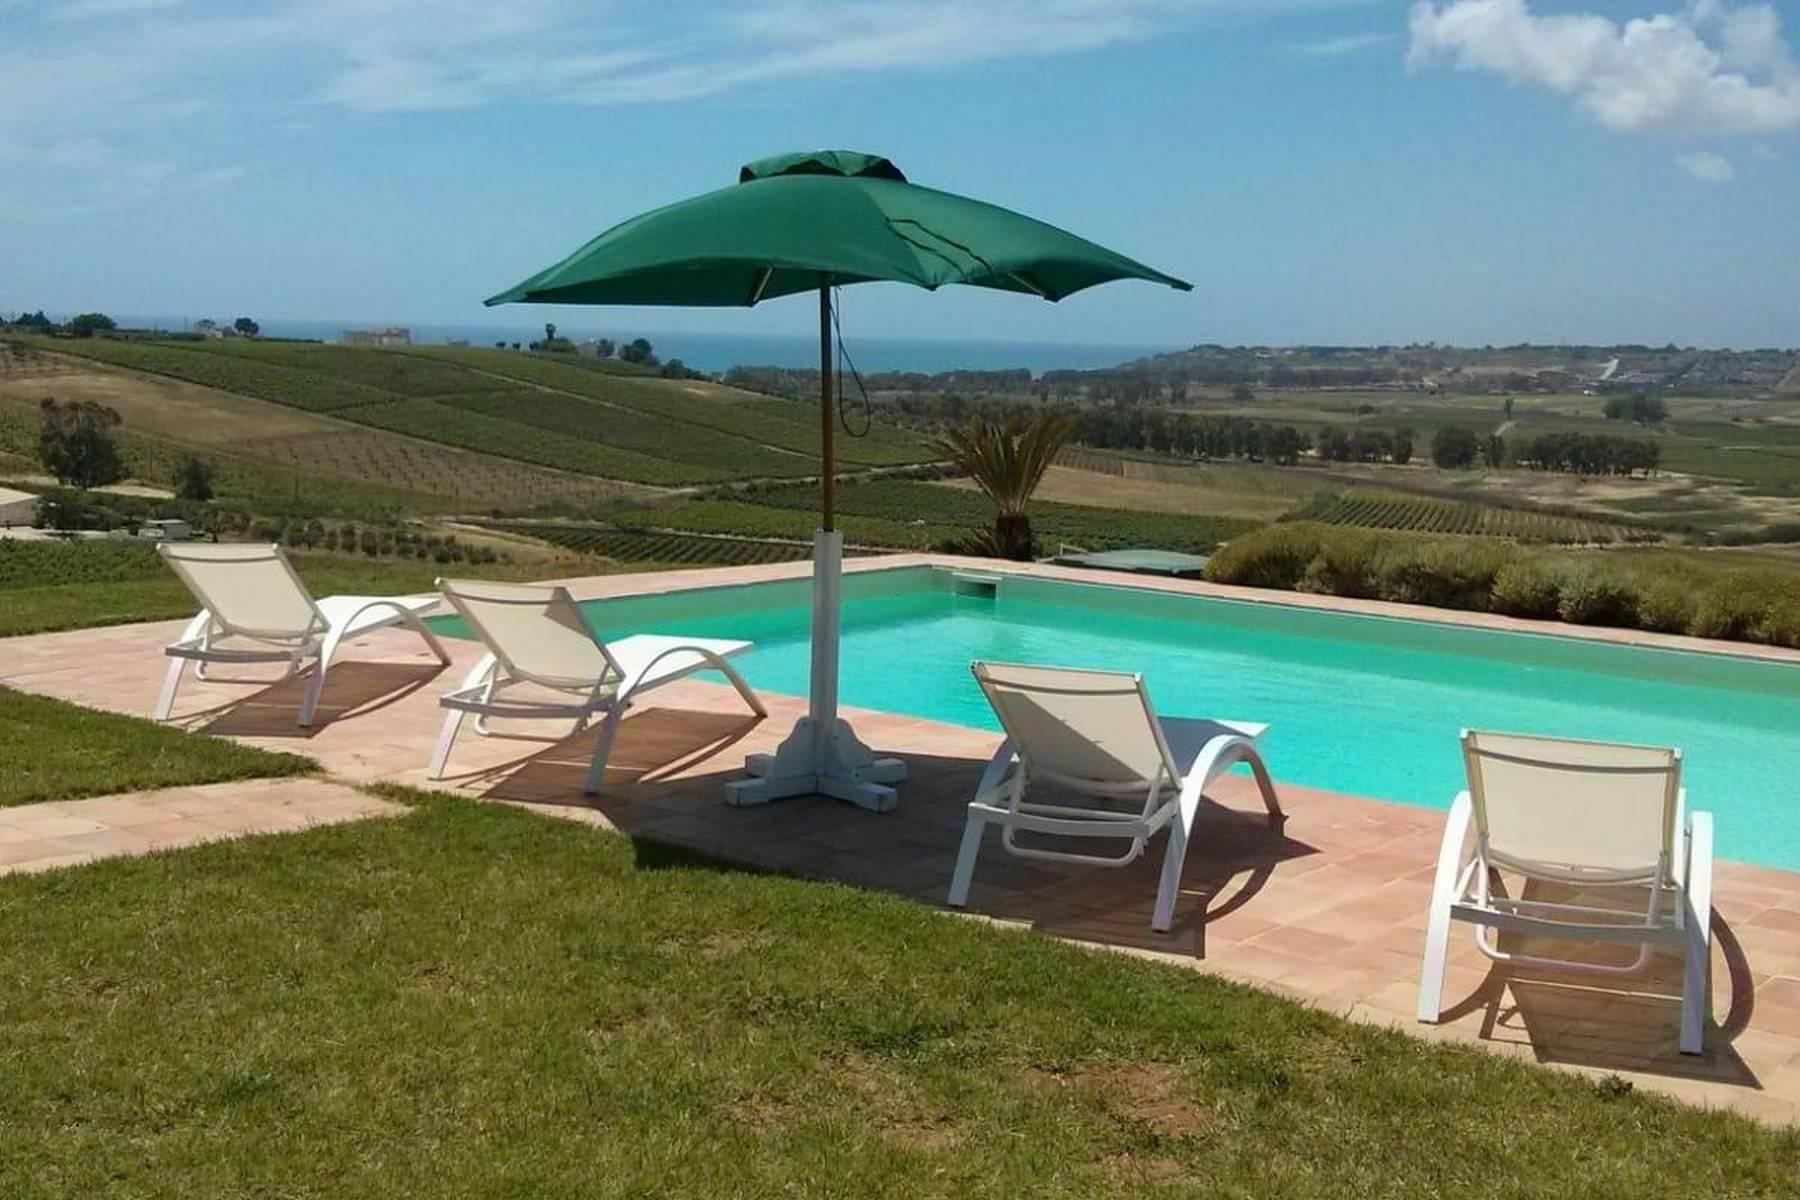 Villa in Vendita a Castelvetrano: 5 locali, 180 mq - Foto 3